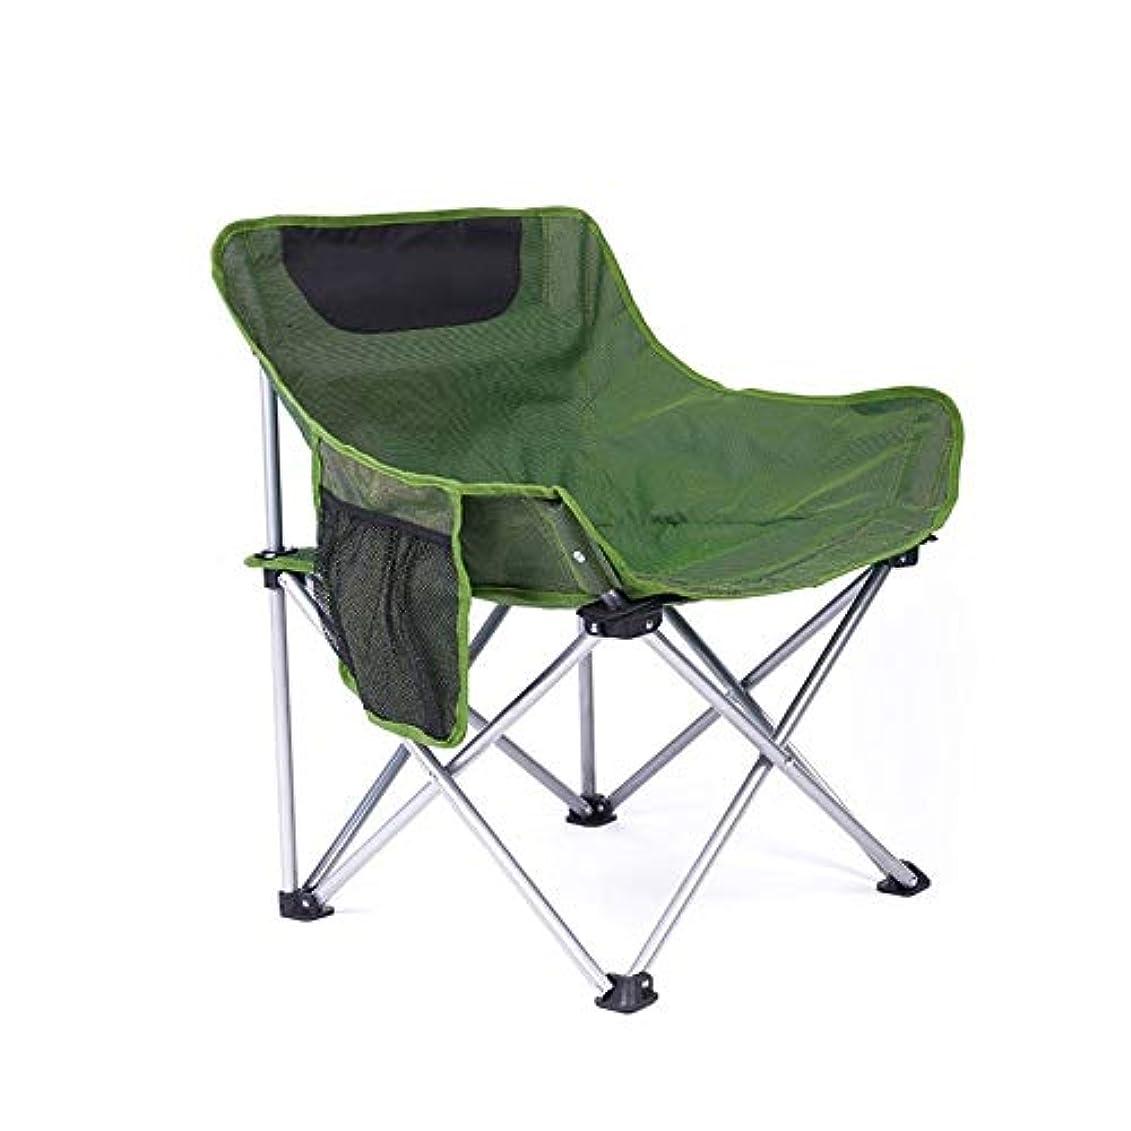 溶ける困惑罪悪感屋外機器スツール折りたたみ椅子ポータブルライトシンプルな釣りシートキャンプパティオチェア、良い素材 (Color : ピンク)